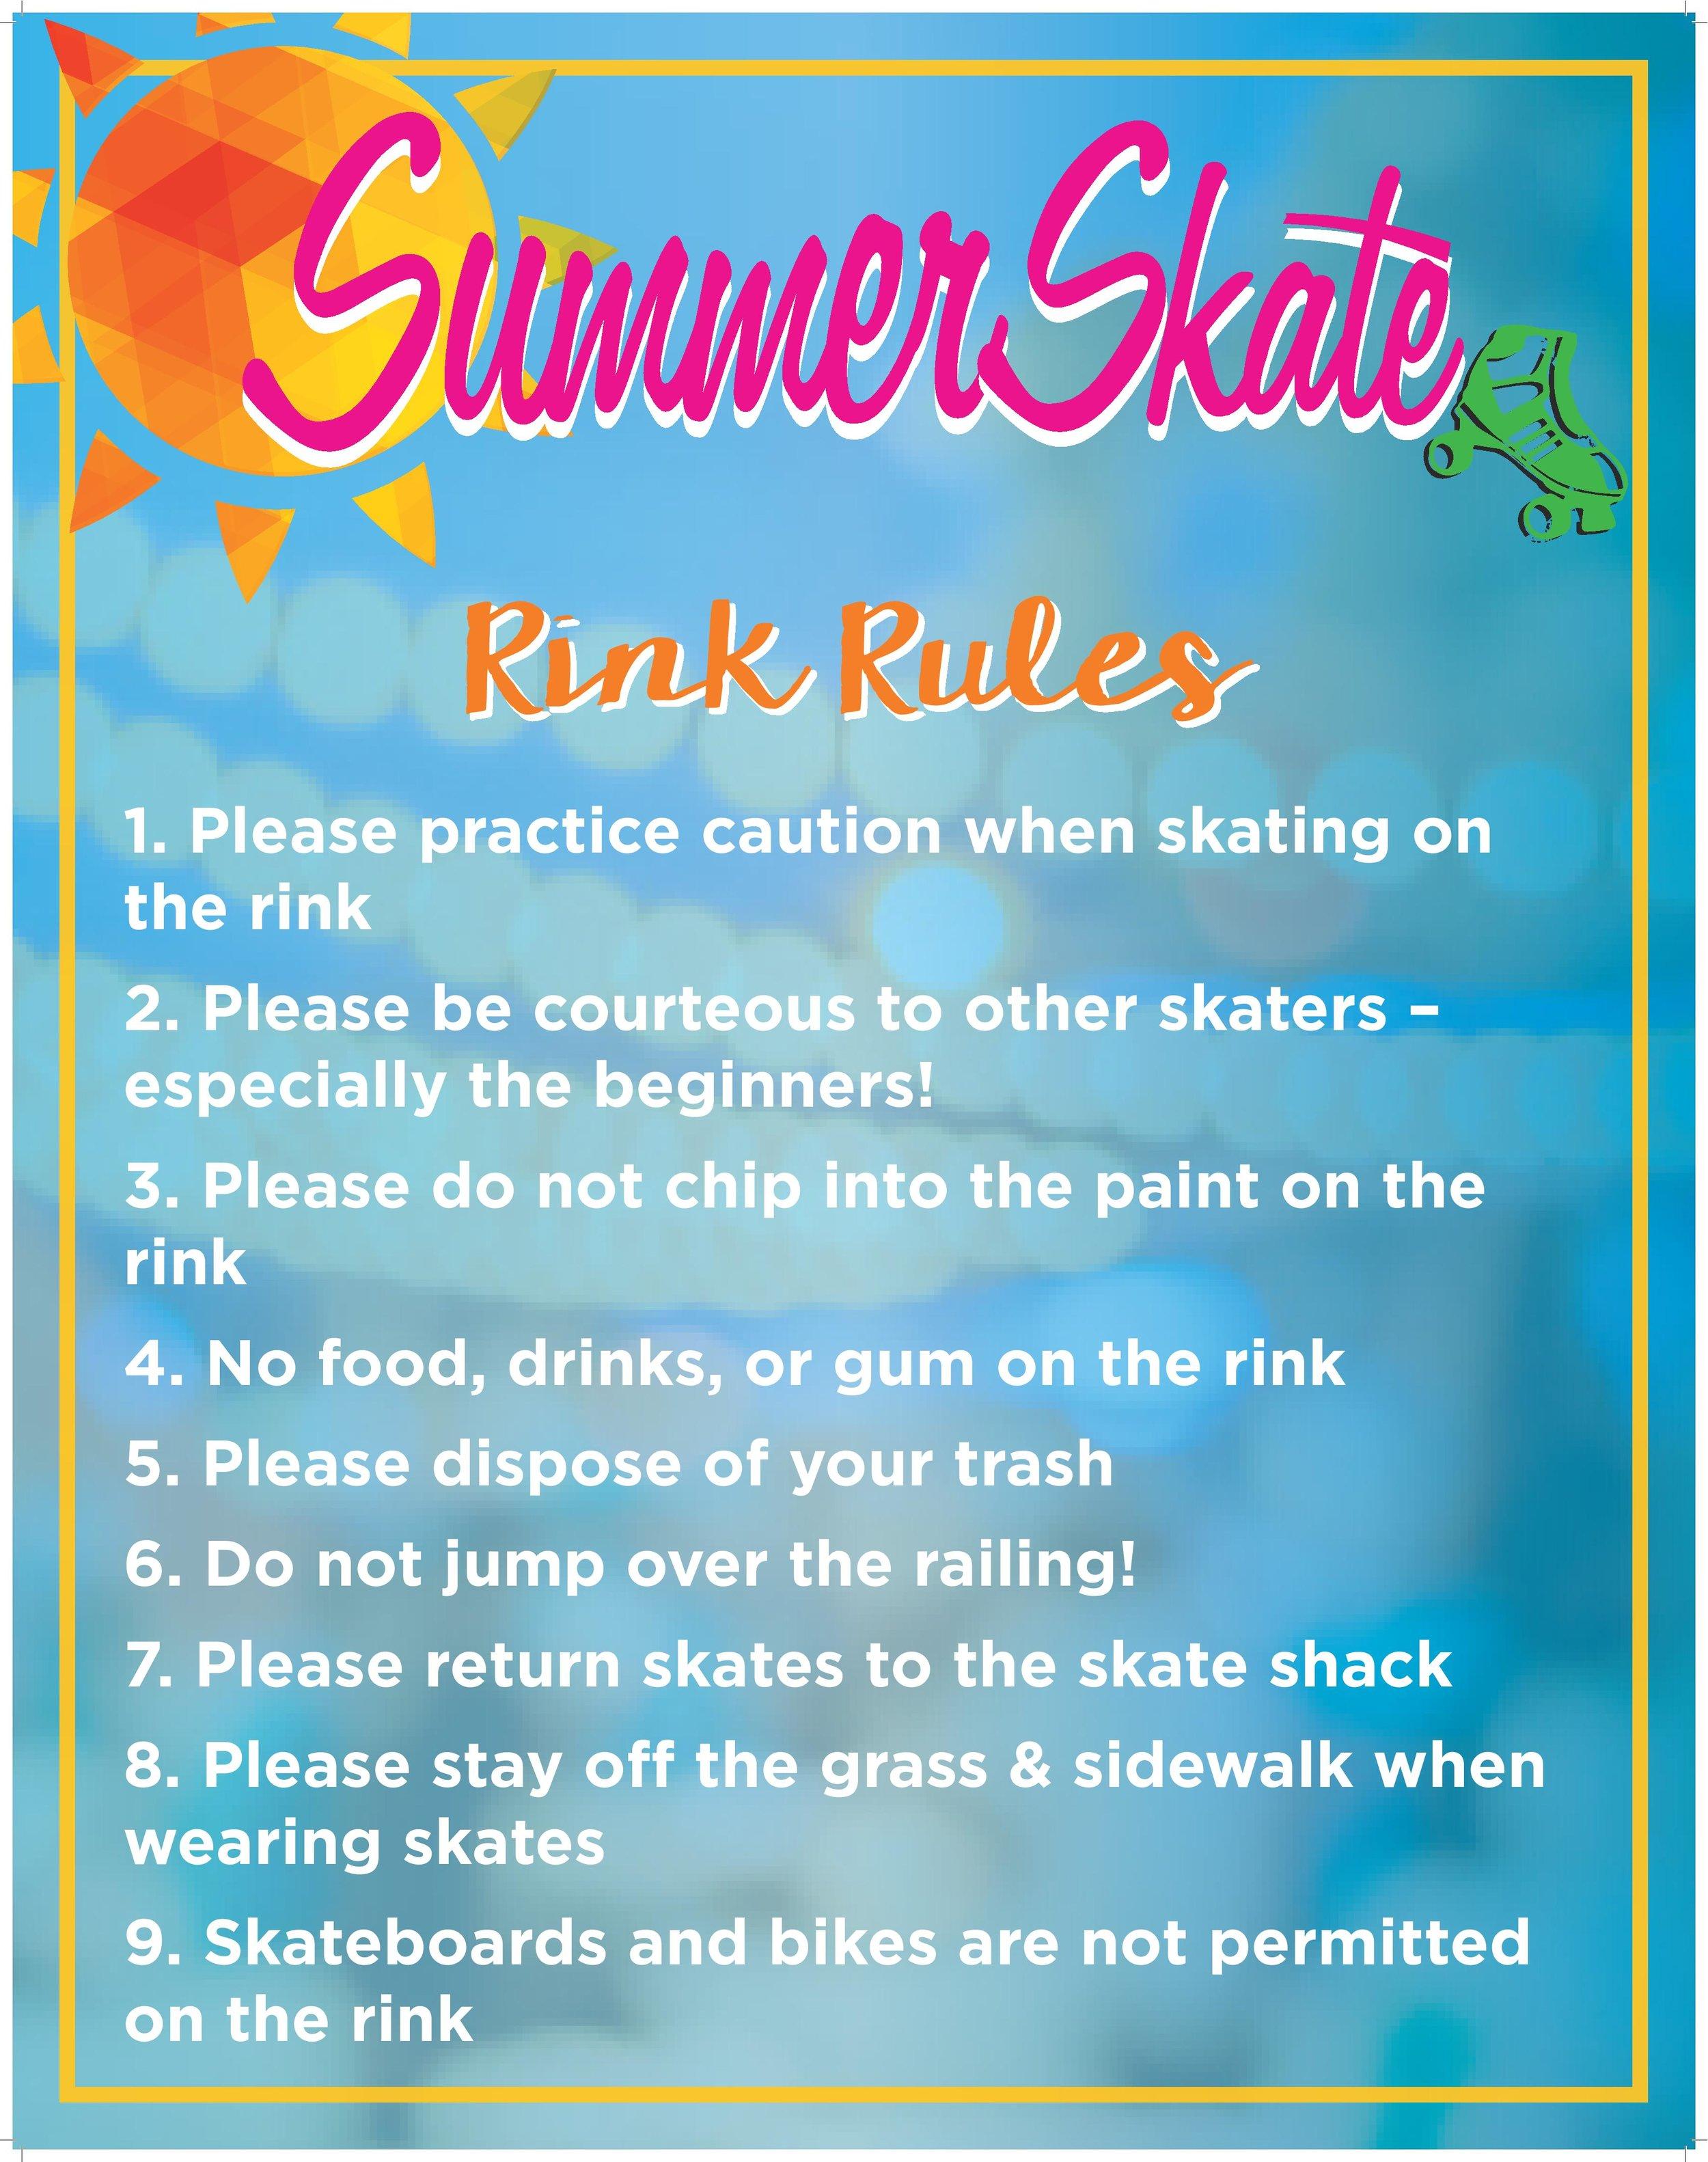 Skate Rink Rules 22x28-page-001.jpg